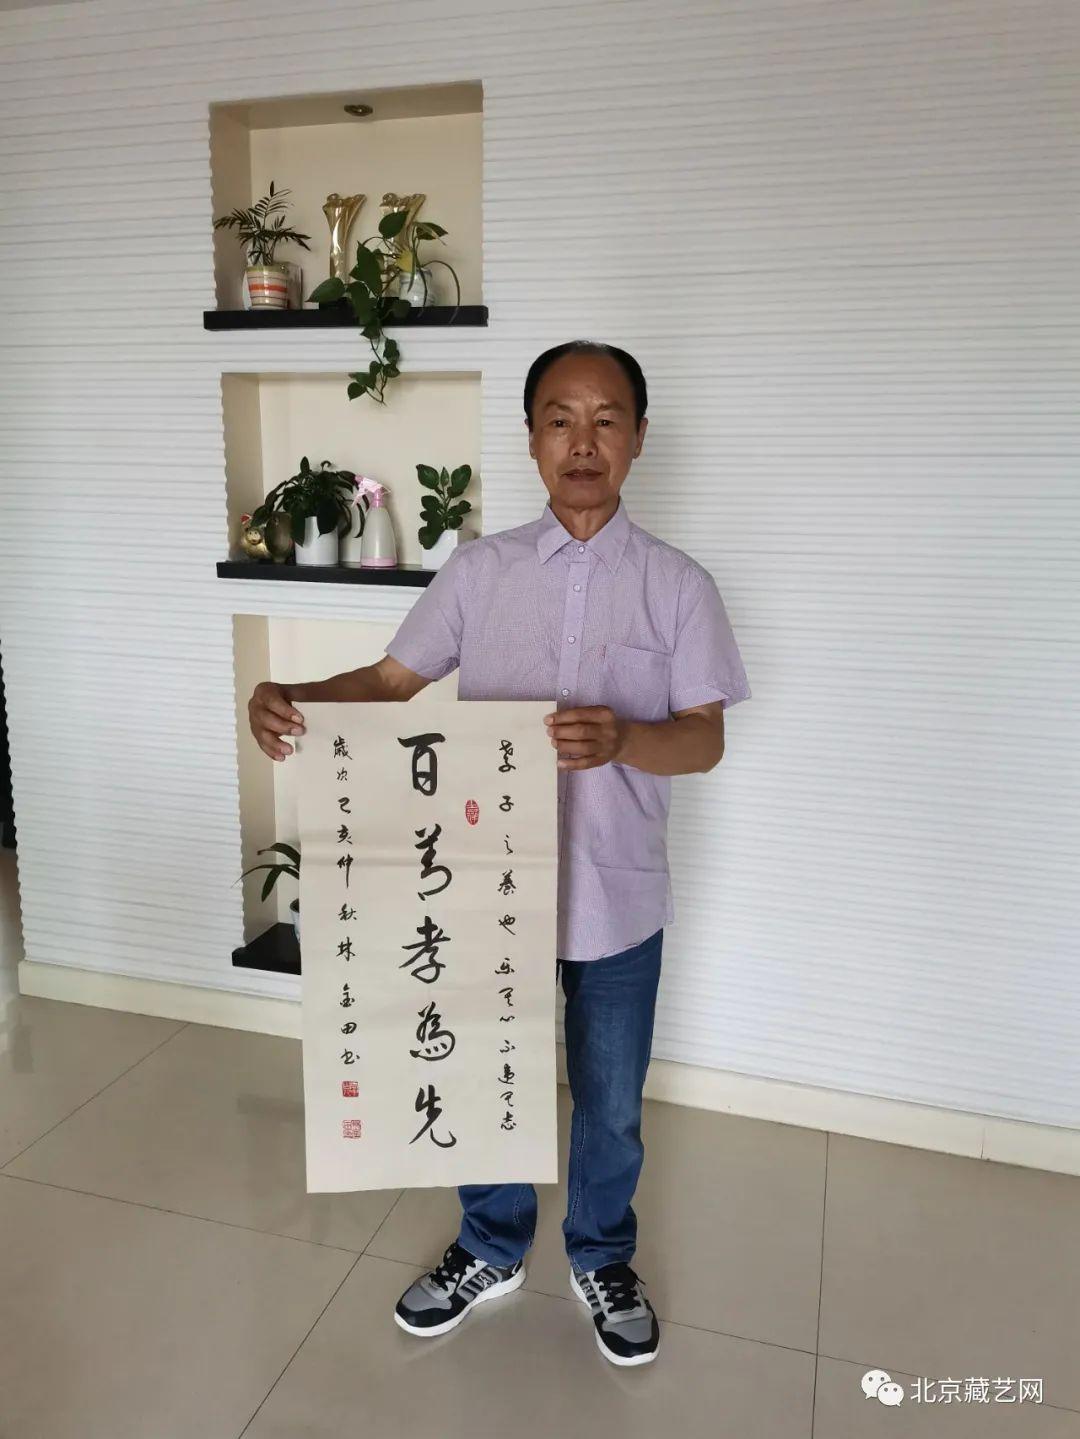 「新时代书画代表人物・林金田」献礼建党100周年作品展